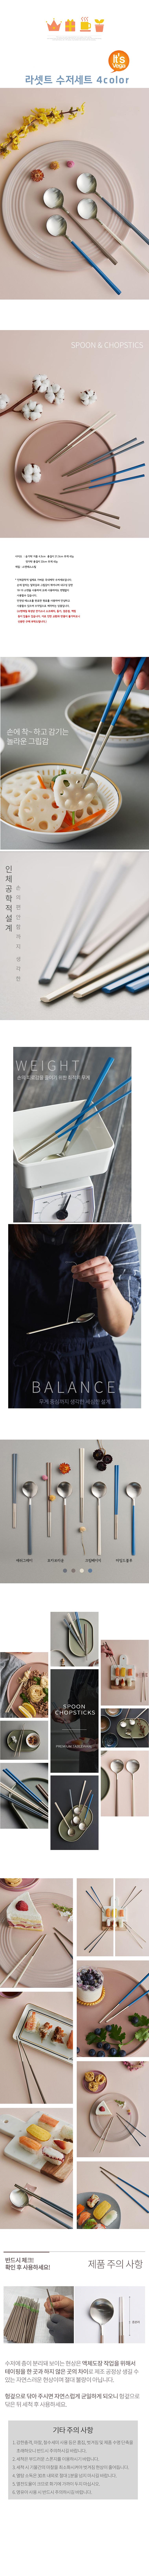 라셋트 수저세트 4color - 베가, 21,000원, 숟가락/젓가락/스틱, 숟가락/젓가락 세트